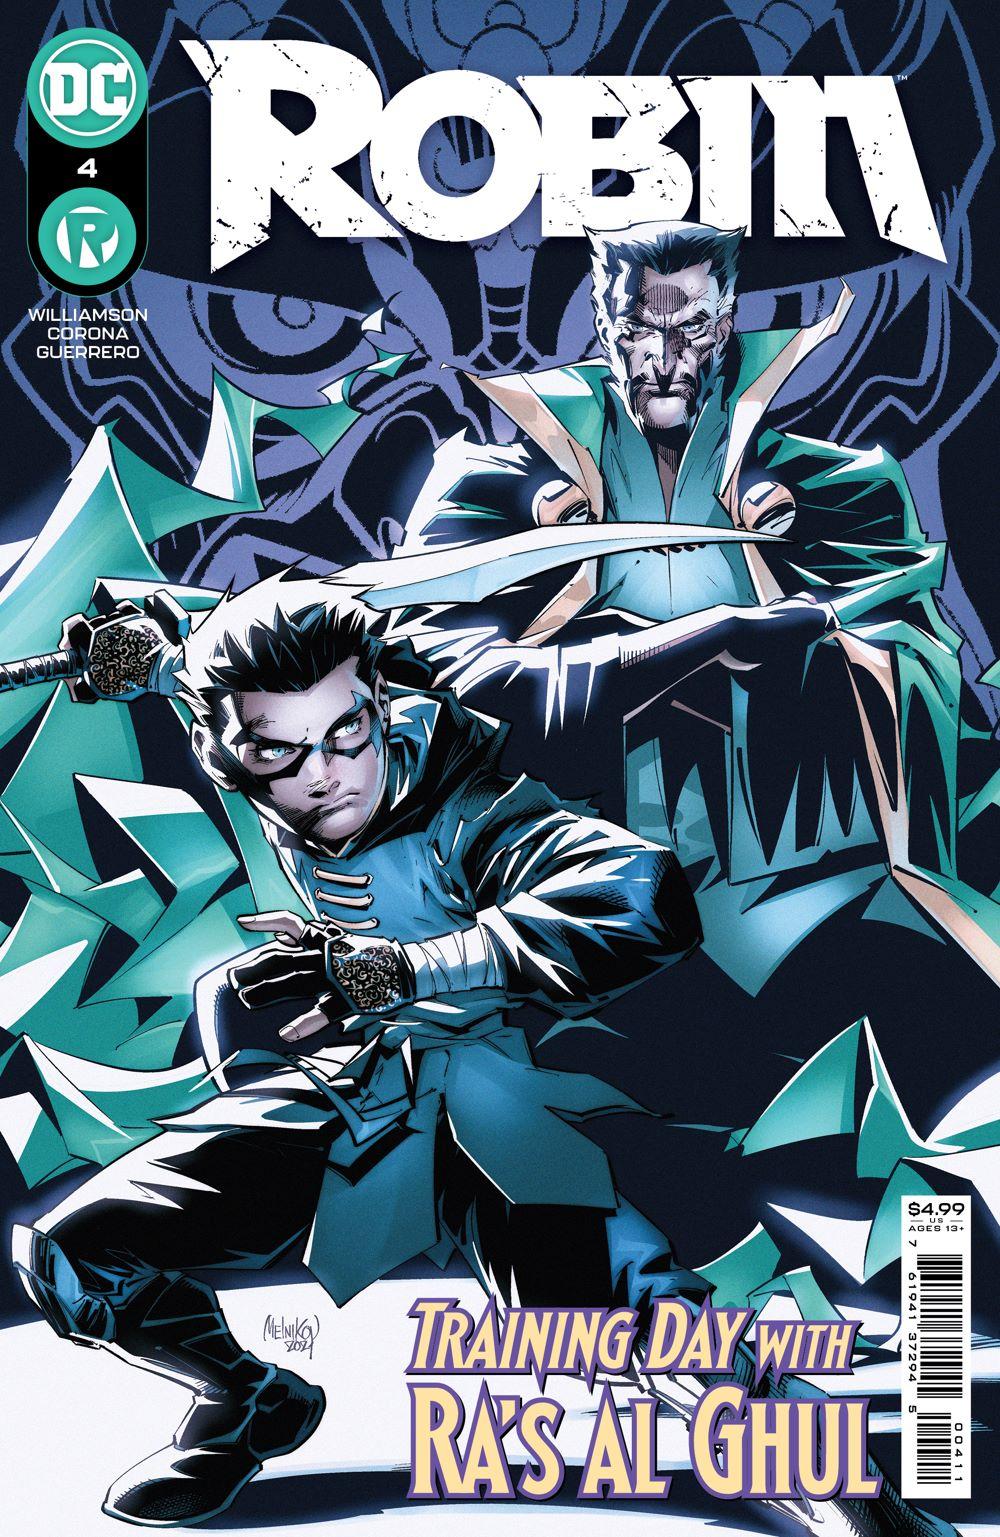 ROBIN_Cv4 DC Comics July 2021 Solicitations